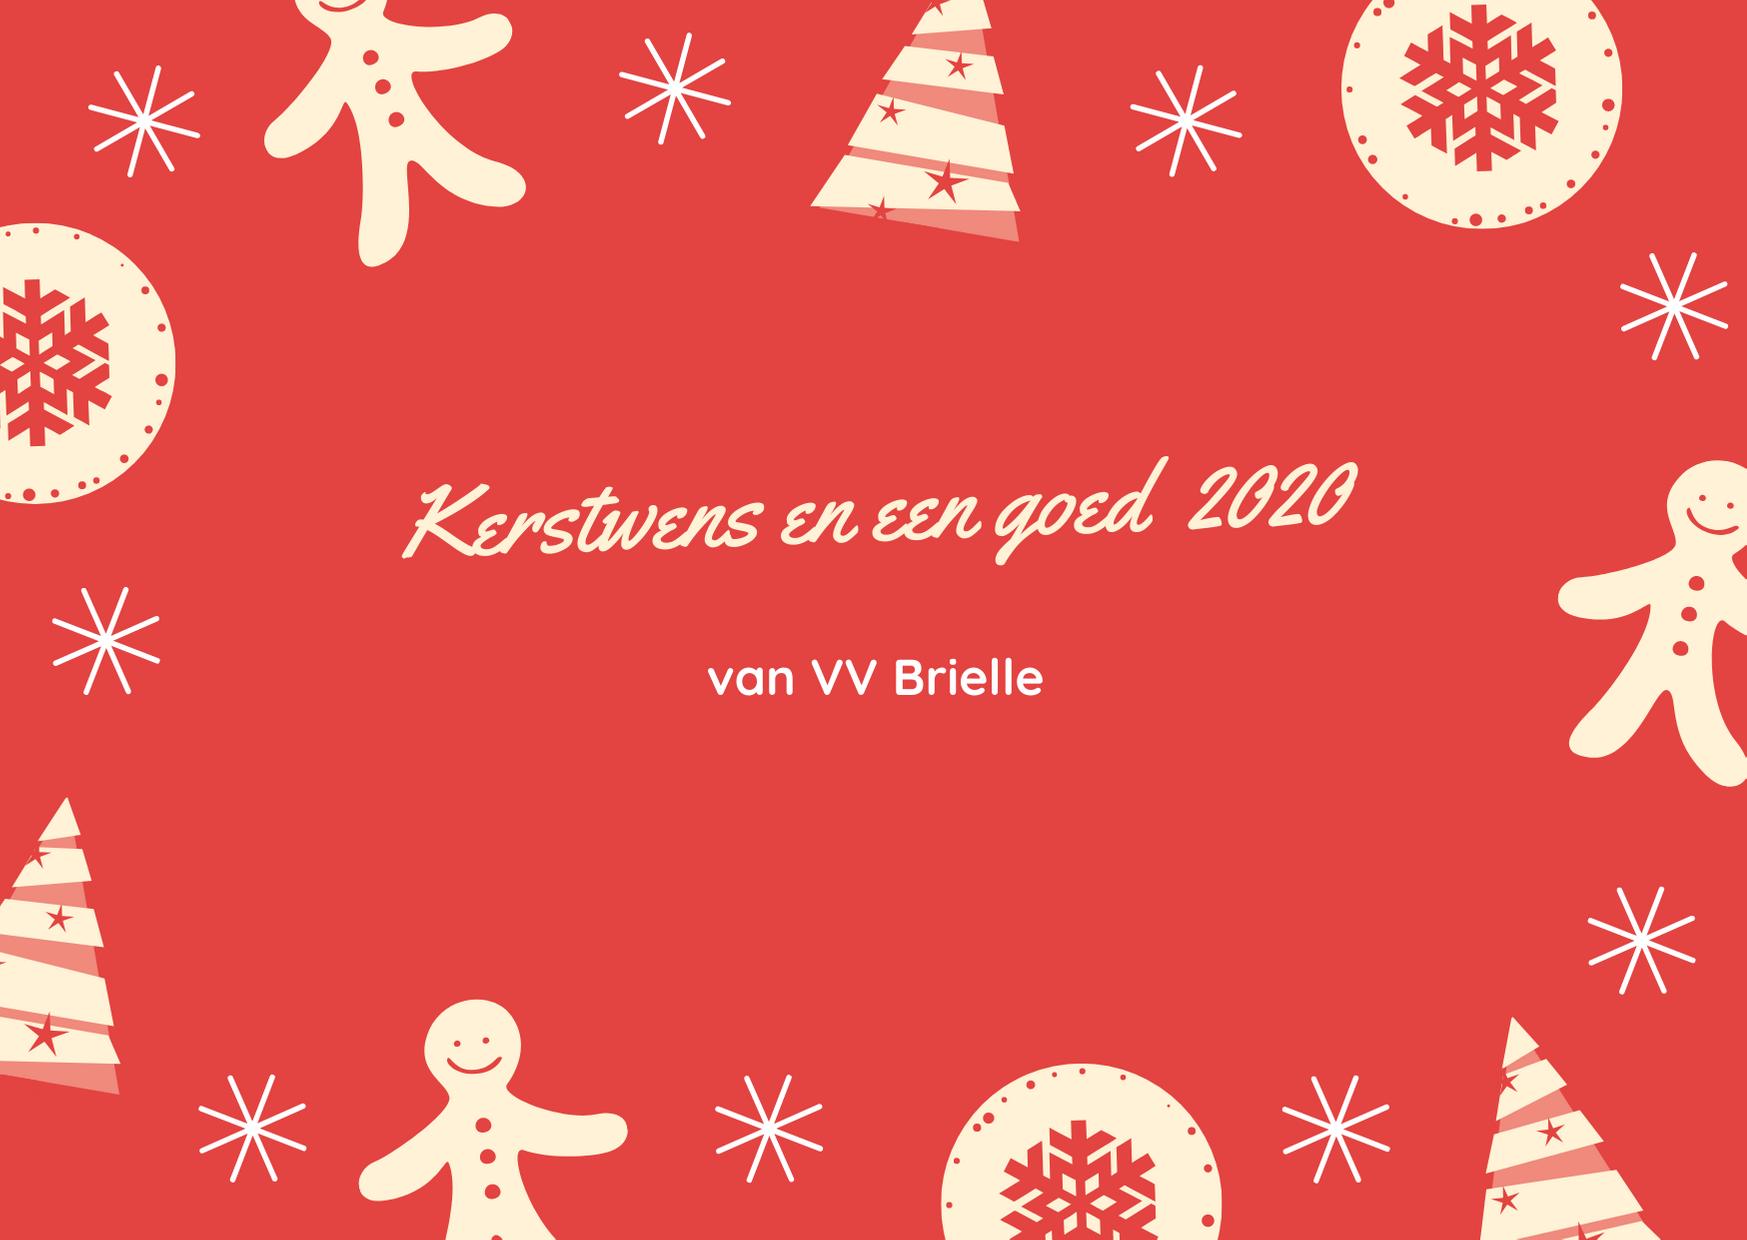 Kerstwens en een goed 2020 van VV Brielle